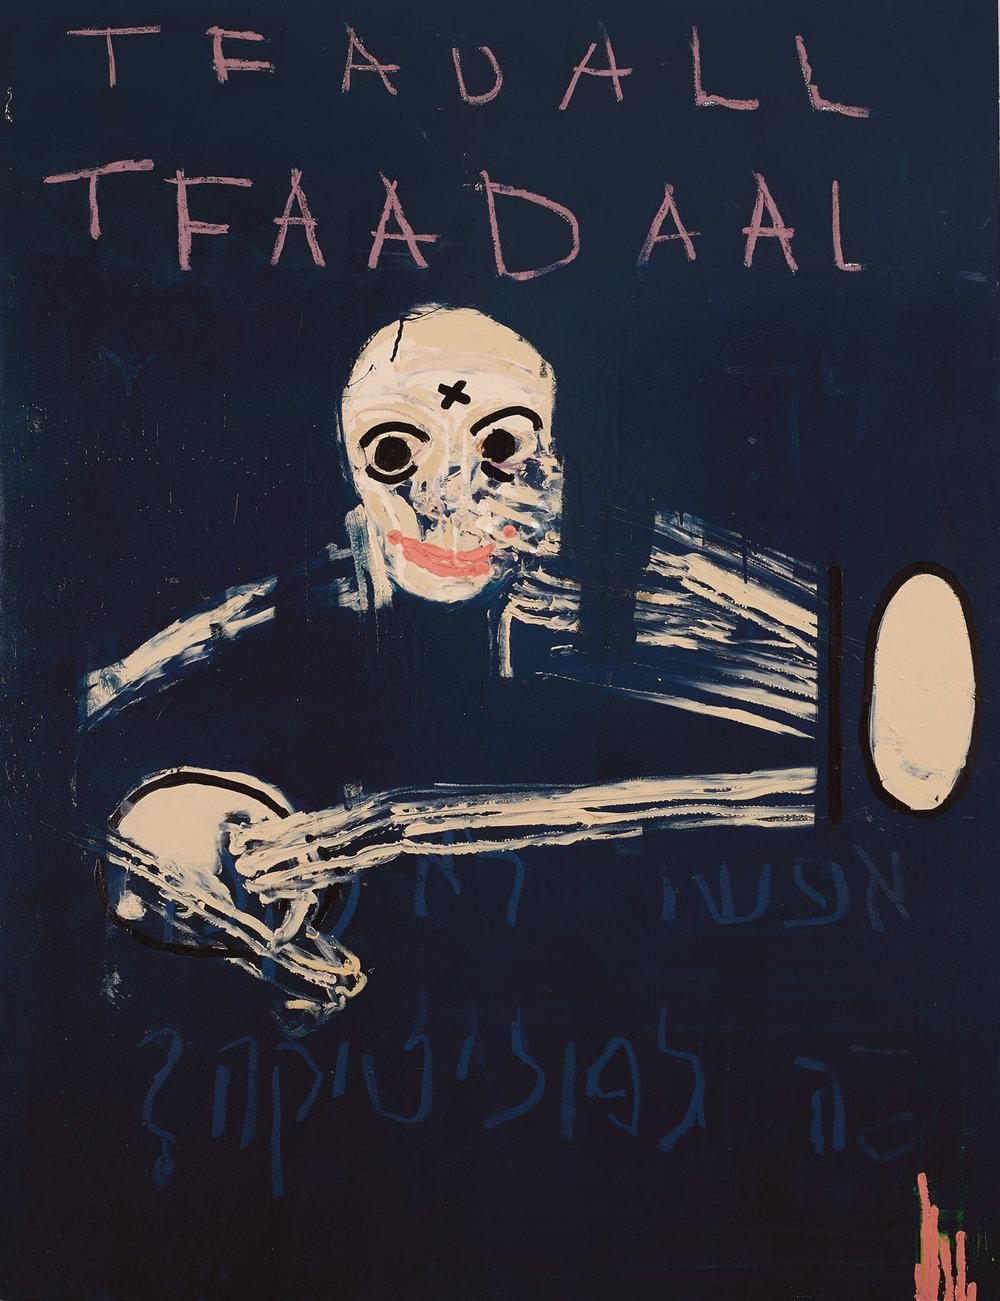 TFAADAL